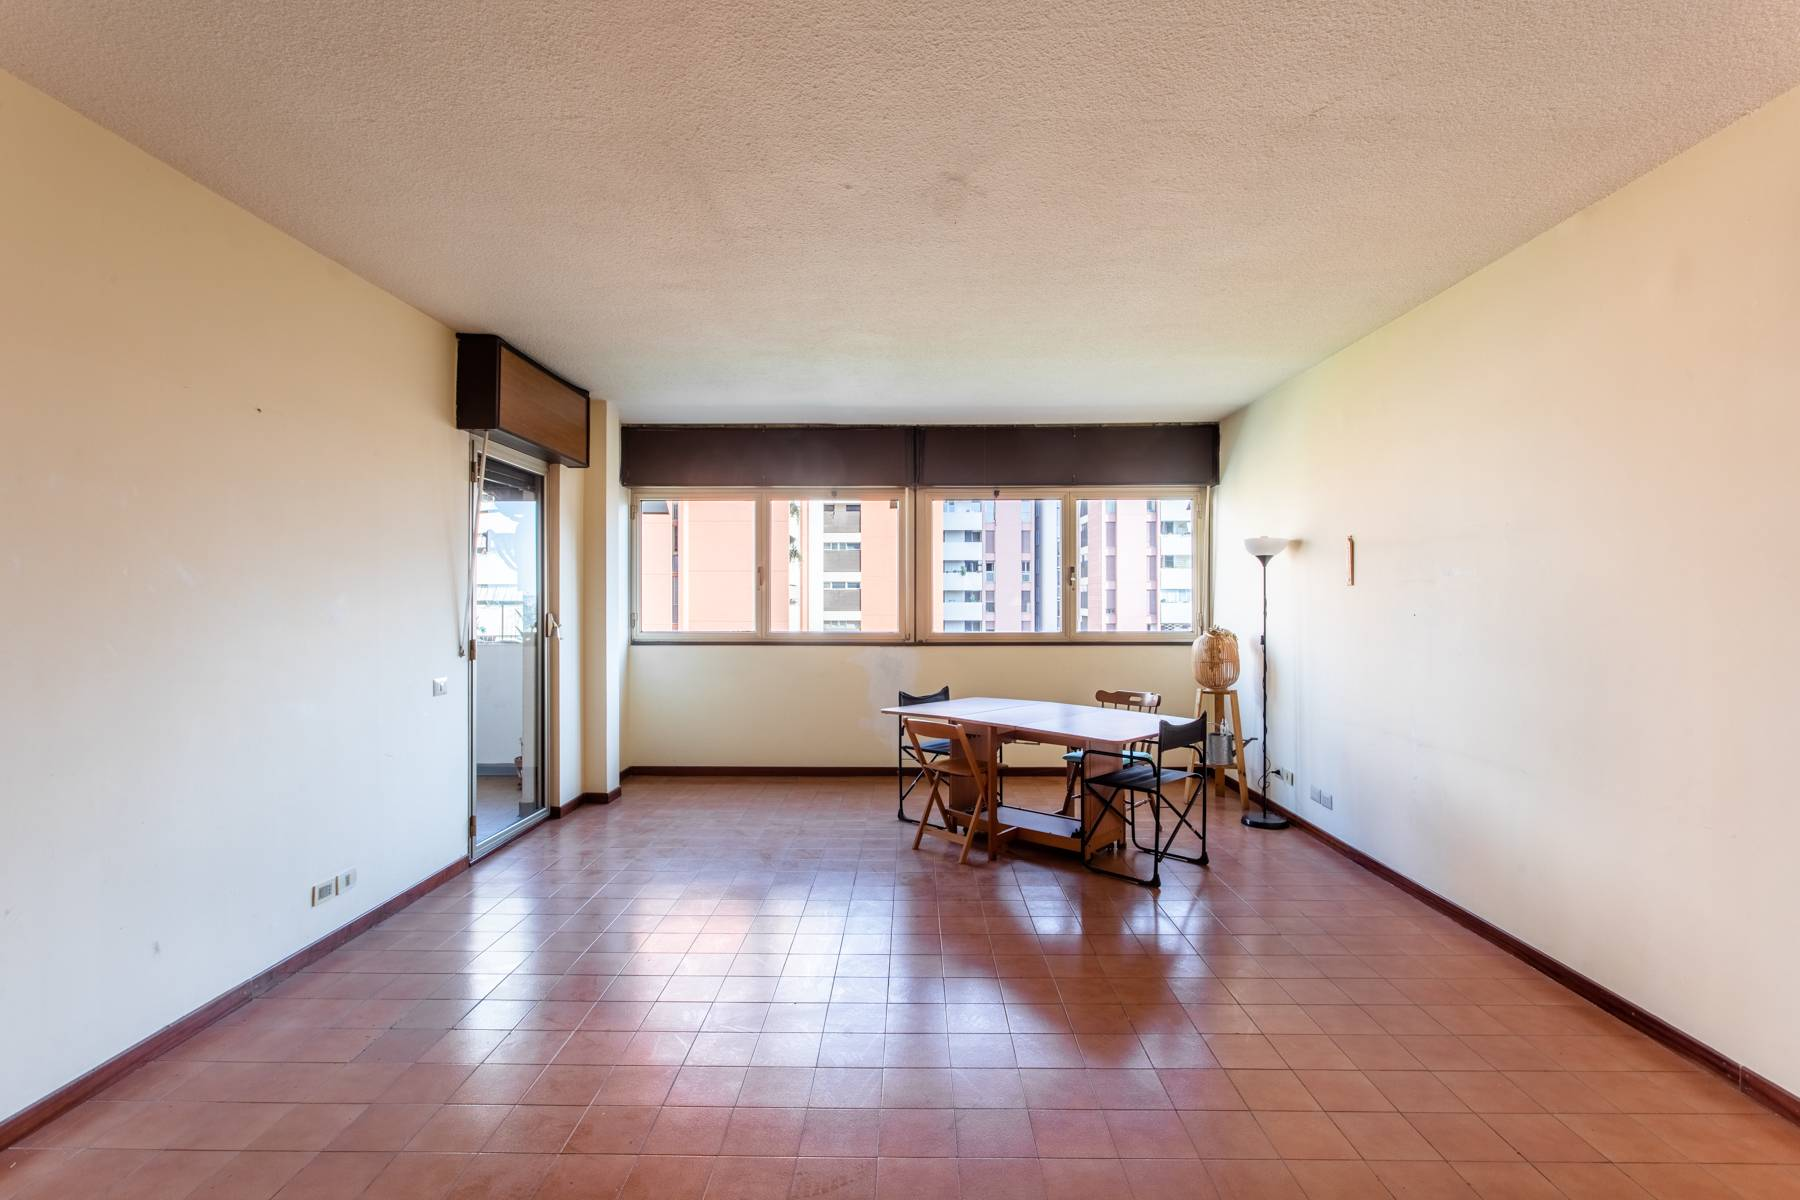 Appartamento in Vendita a Roma: 4 locali, 131 mq - Foto 14